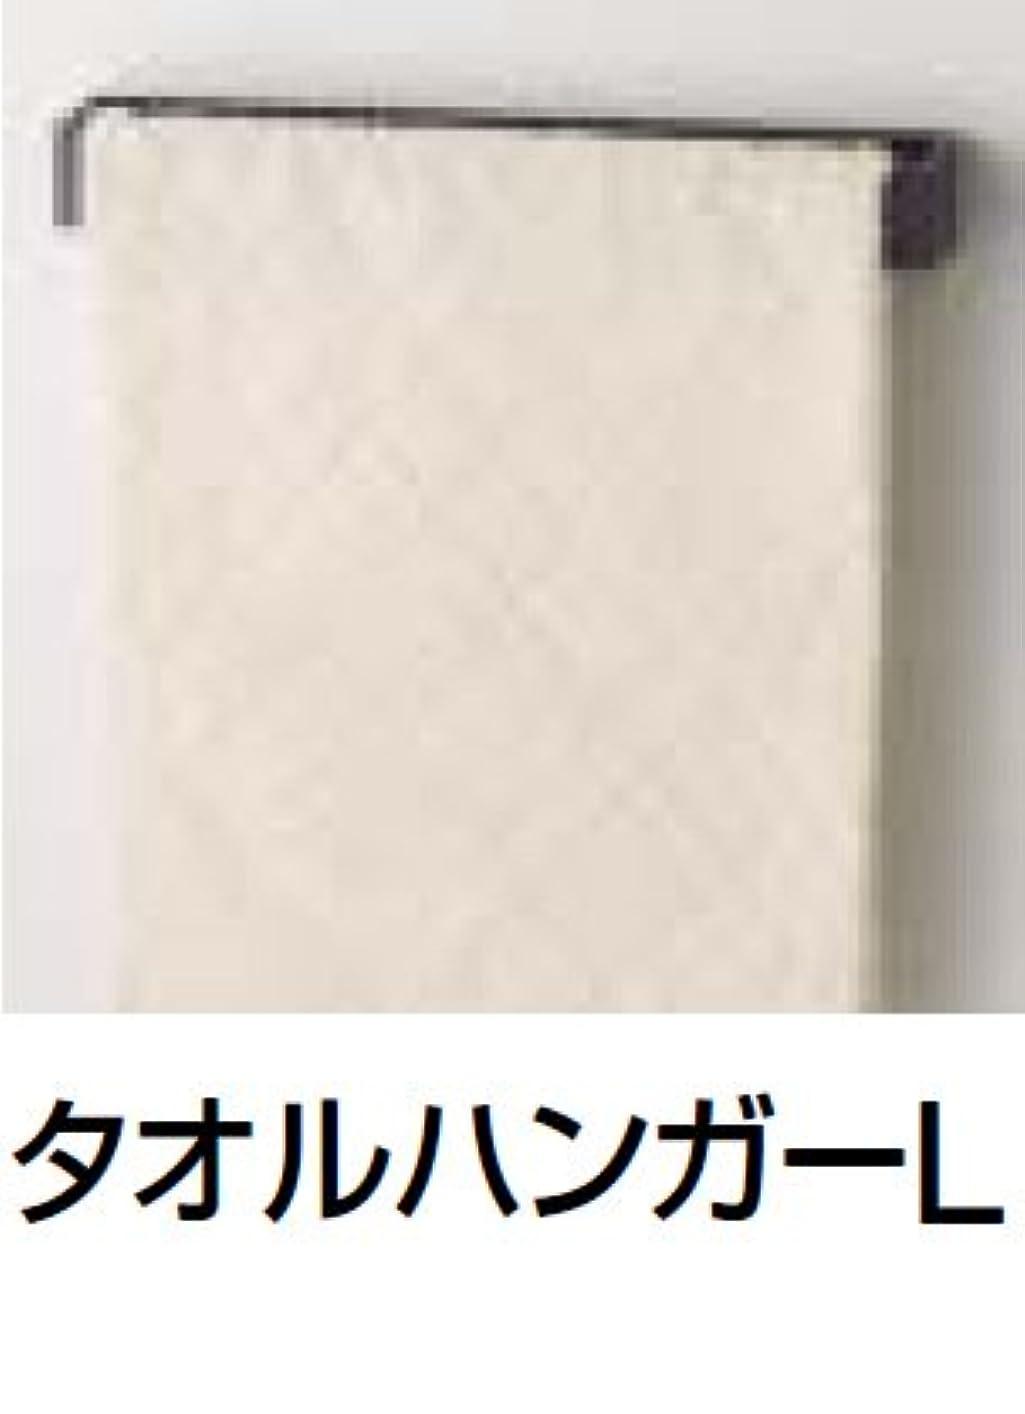 許されるナプキン皮肉タカラスタンダード タオルハンガーL 【MGSKタオルハンガーL(W)】 システムマグネット収納/どこでもラック